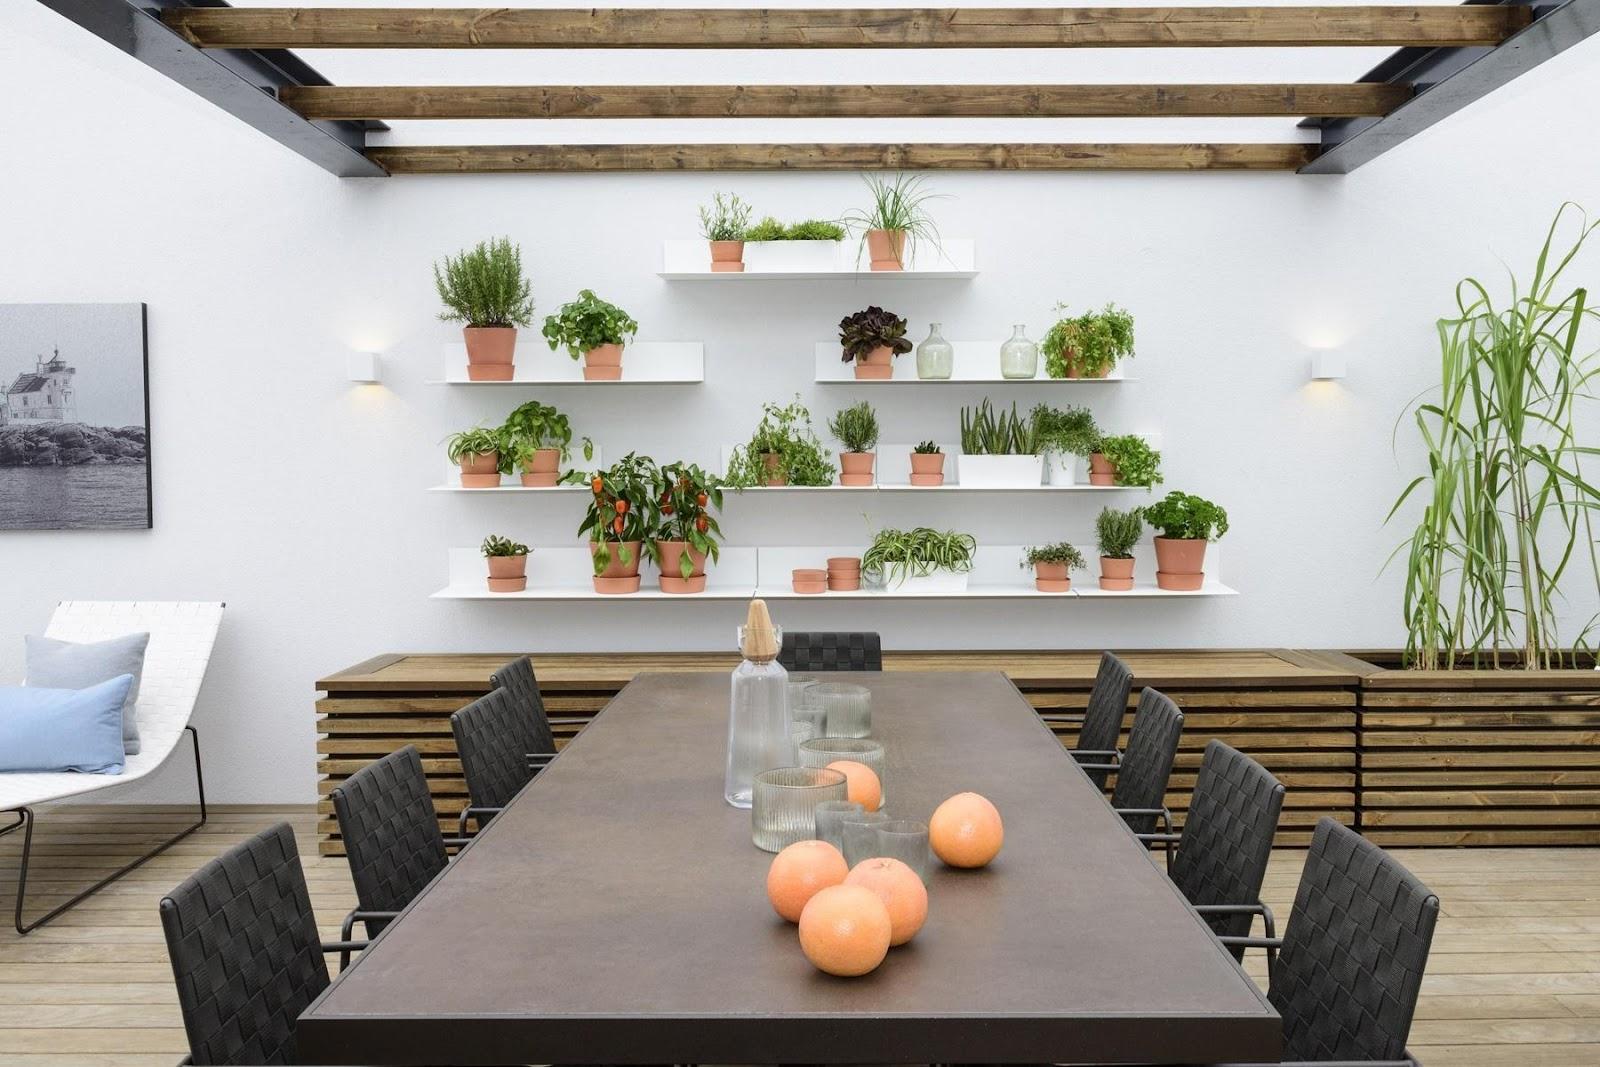 Verwenden Sie Pflanzen, um Ihre Terrasse zu dekorieren